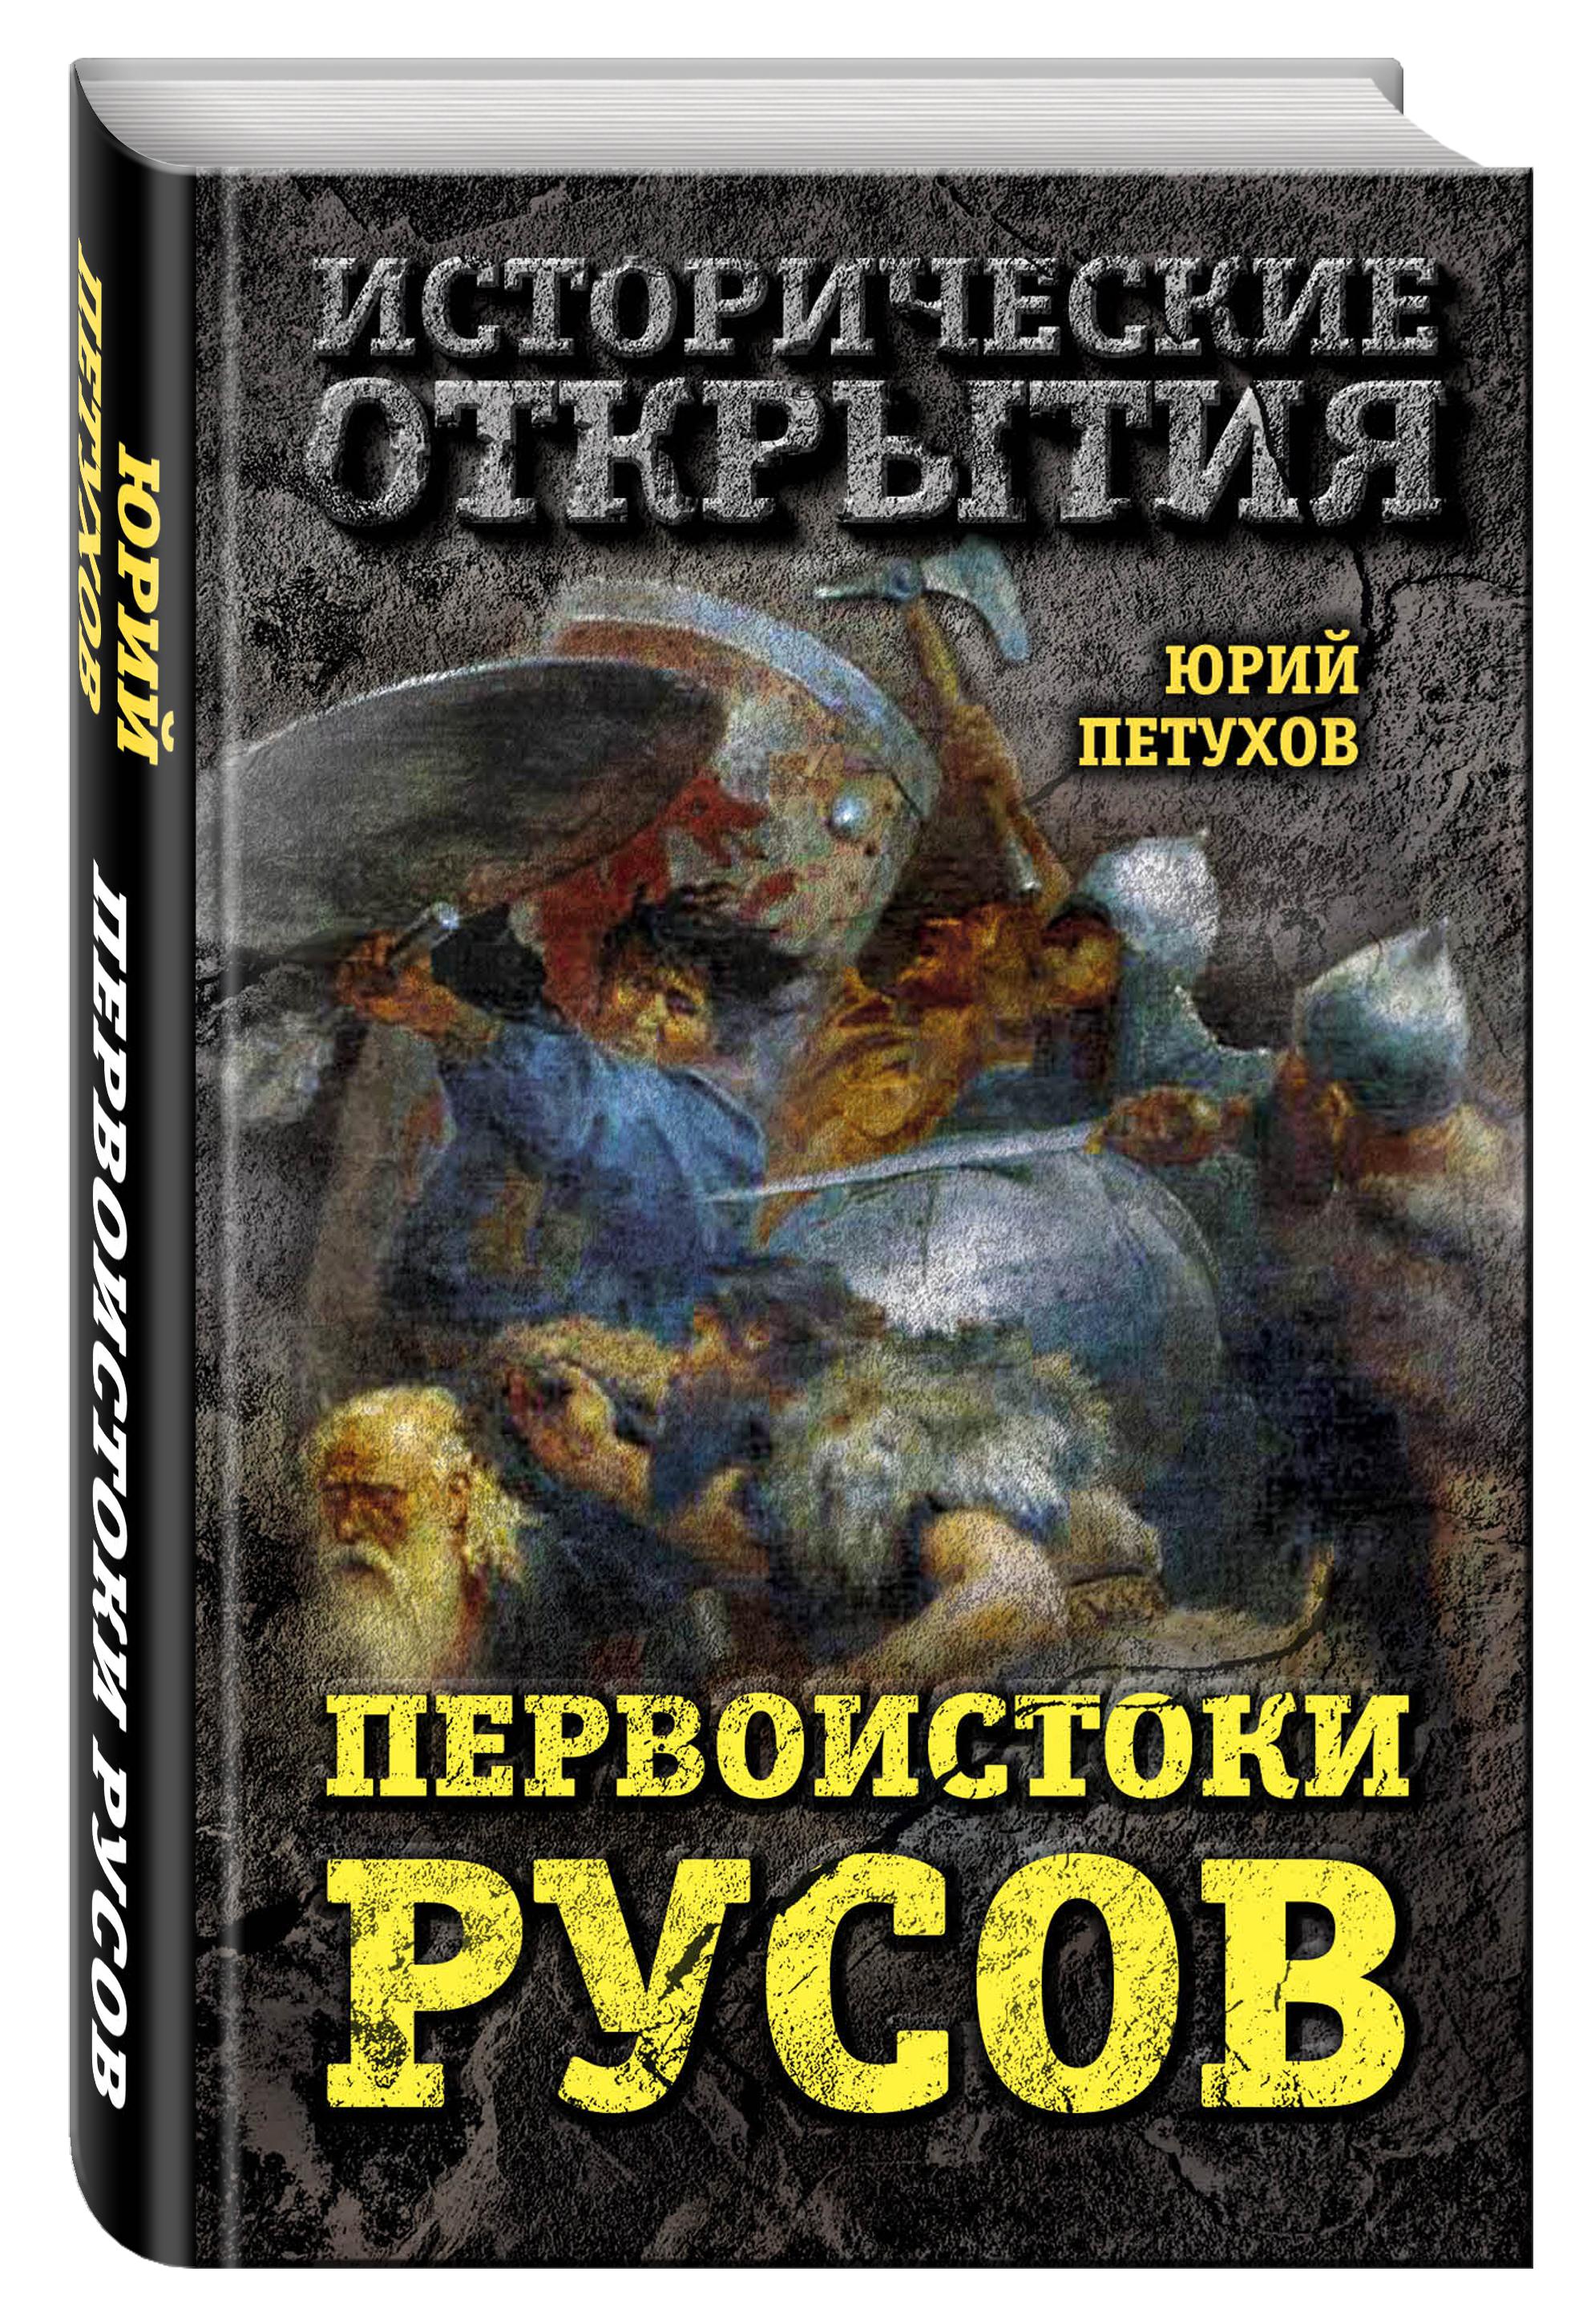 Первоистоки Русов ( Петухов Ю.Д.  )